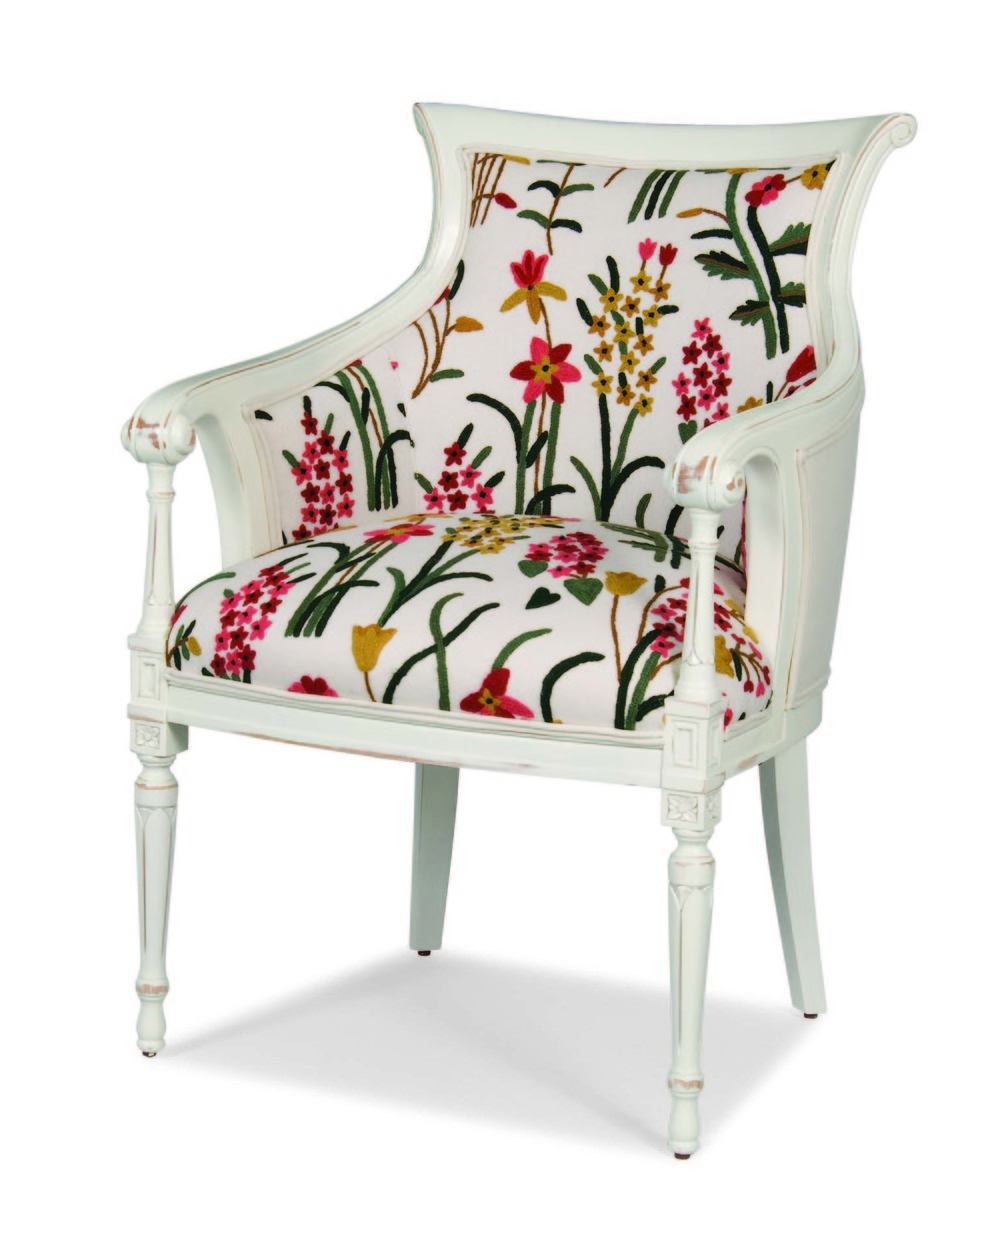 CR Laine Furniture - Charm Chair